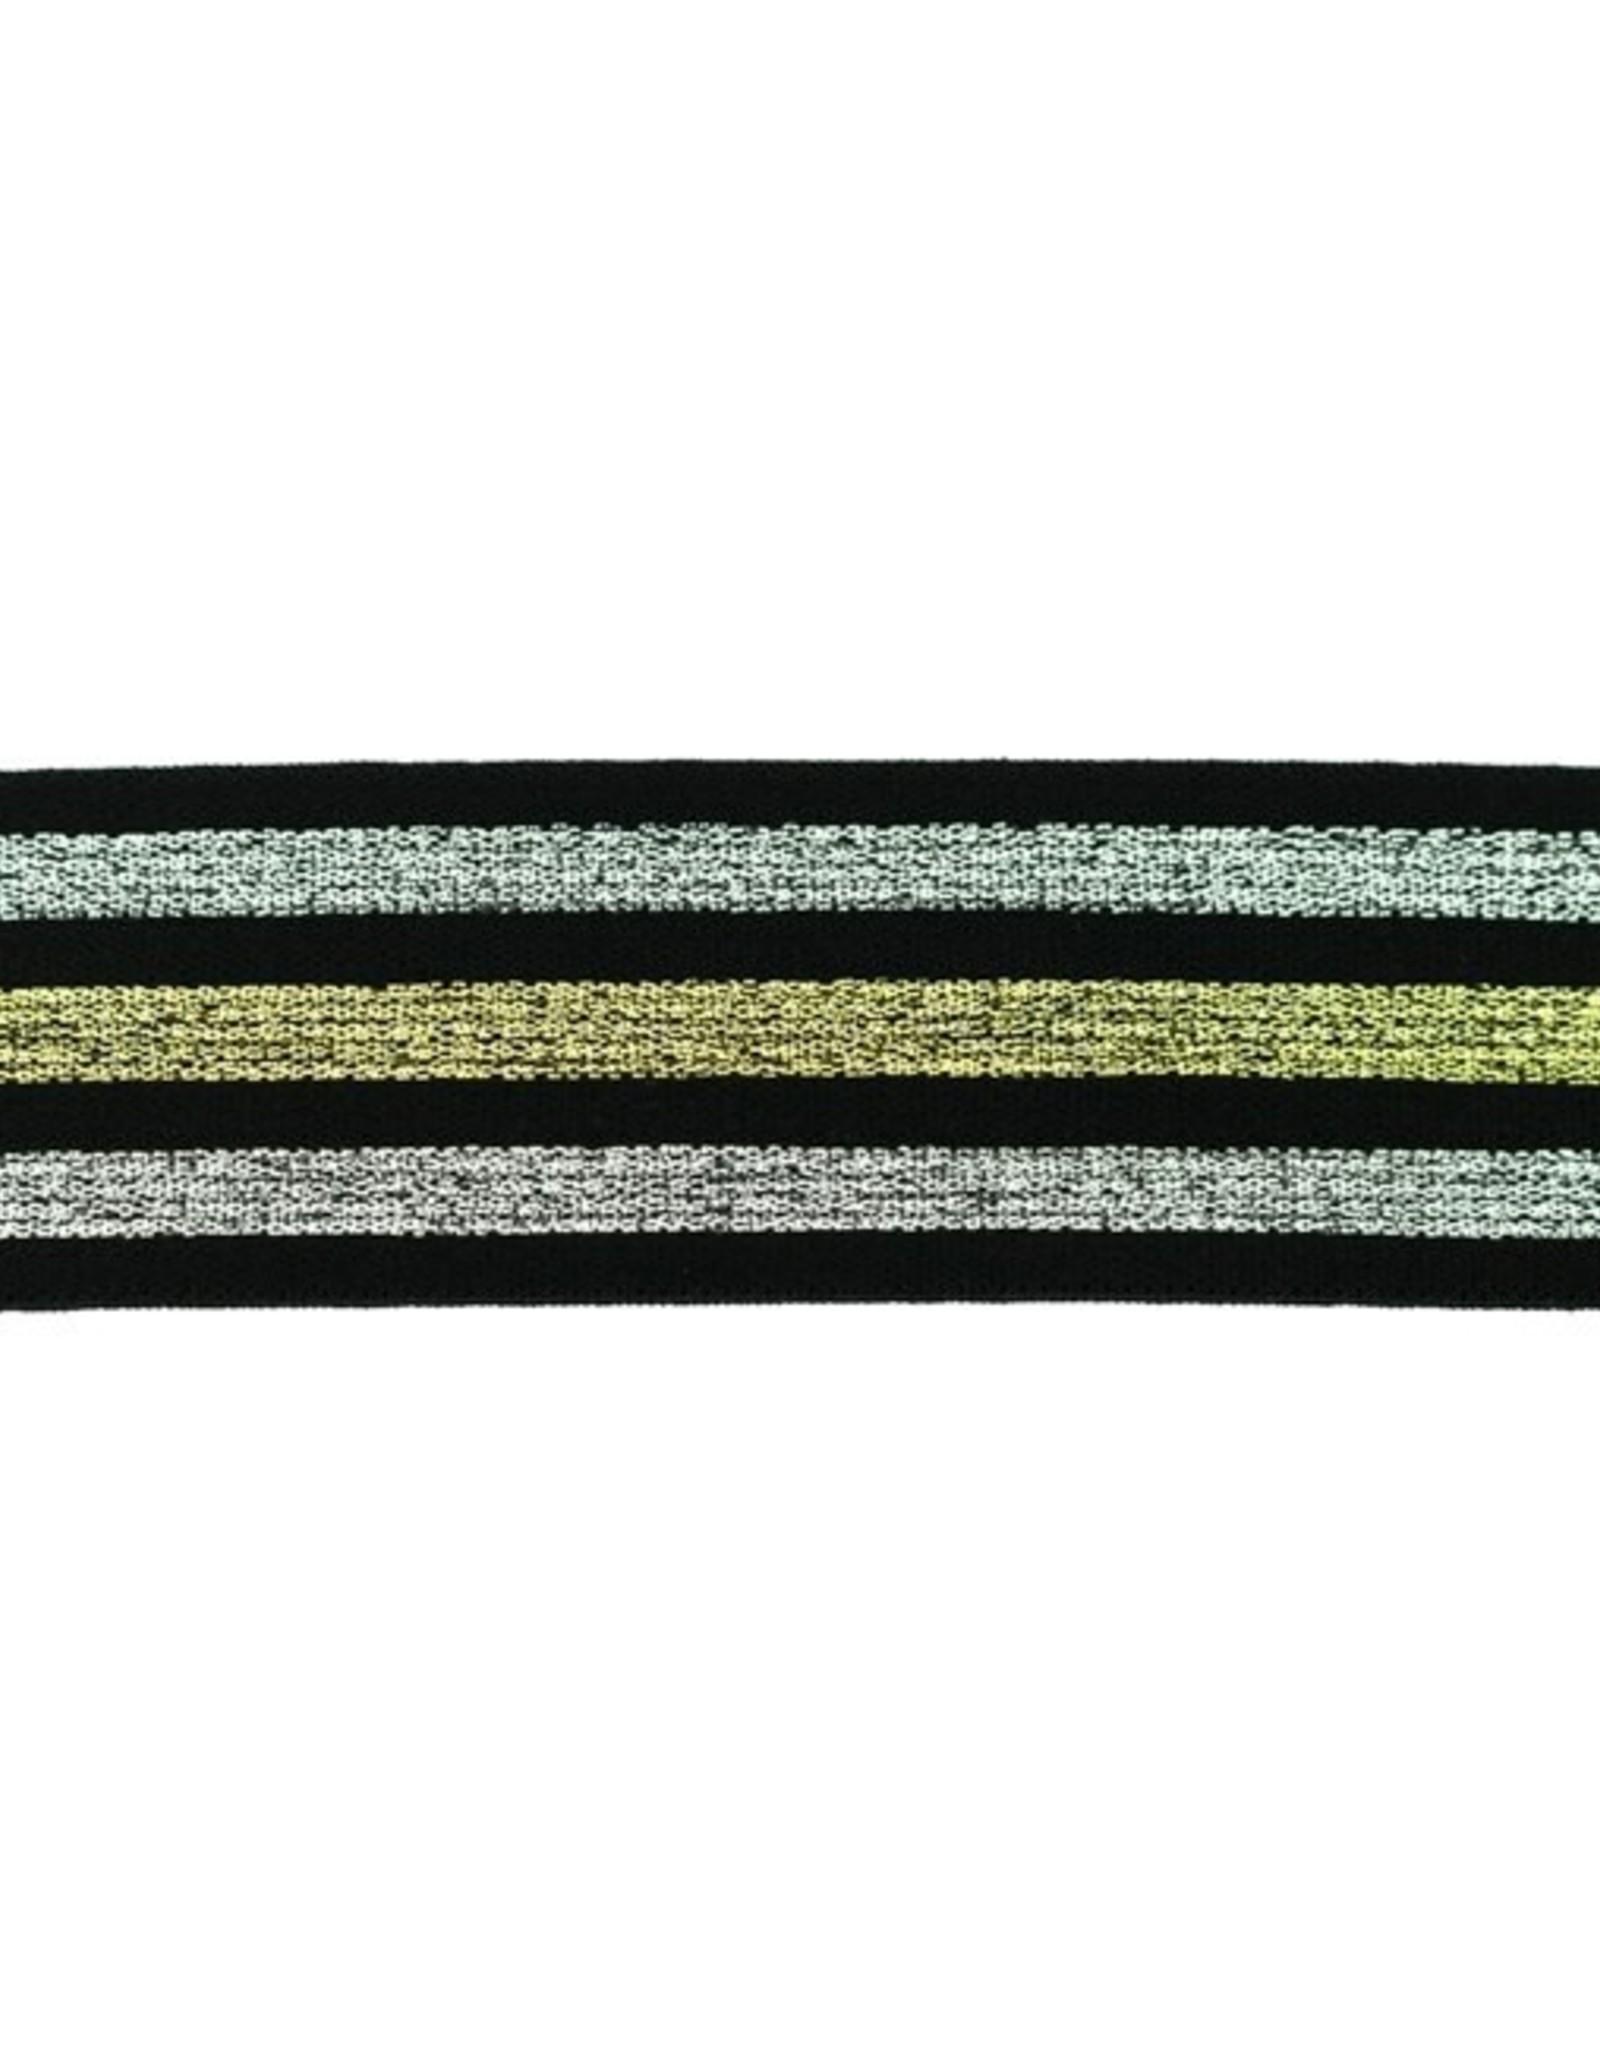 Elastiek zwart gelijnd lurex zilver-goud-zilver 40mm